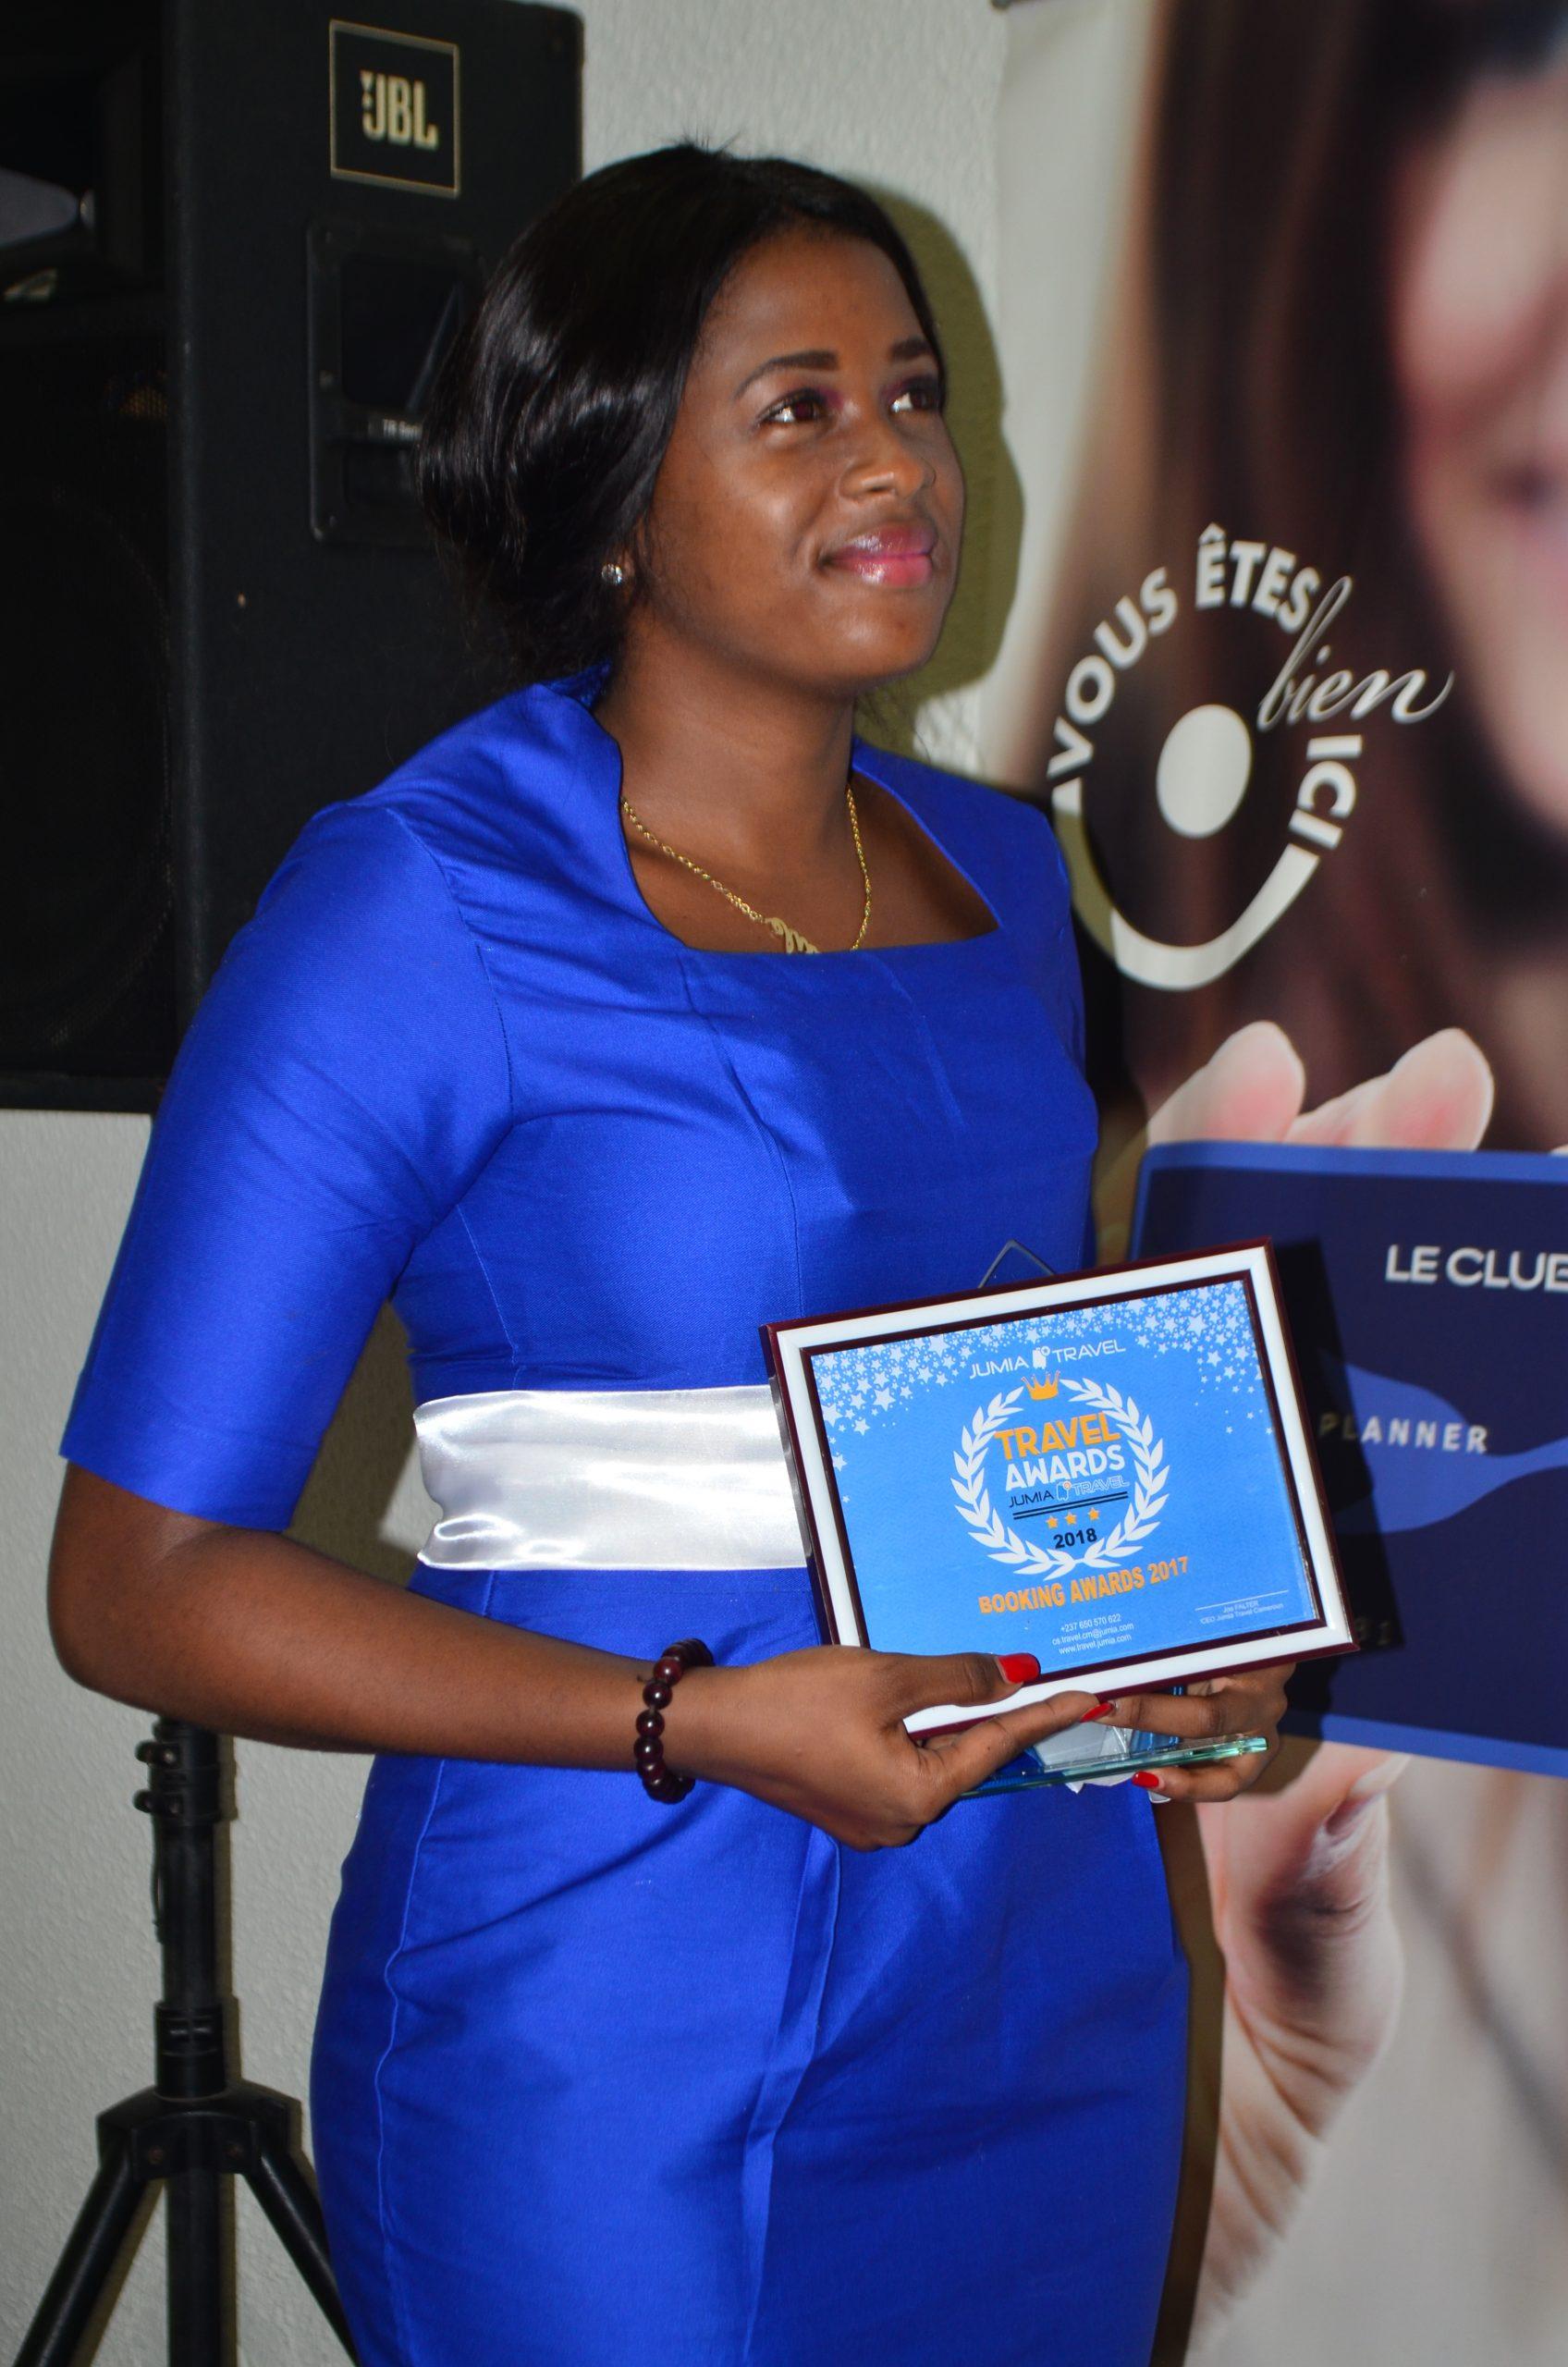 La ville de Douala s'apprête à accueillir la seconde édition des Travel Awards.